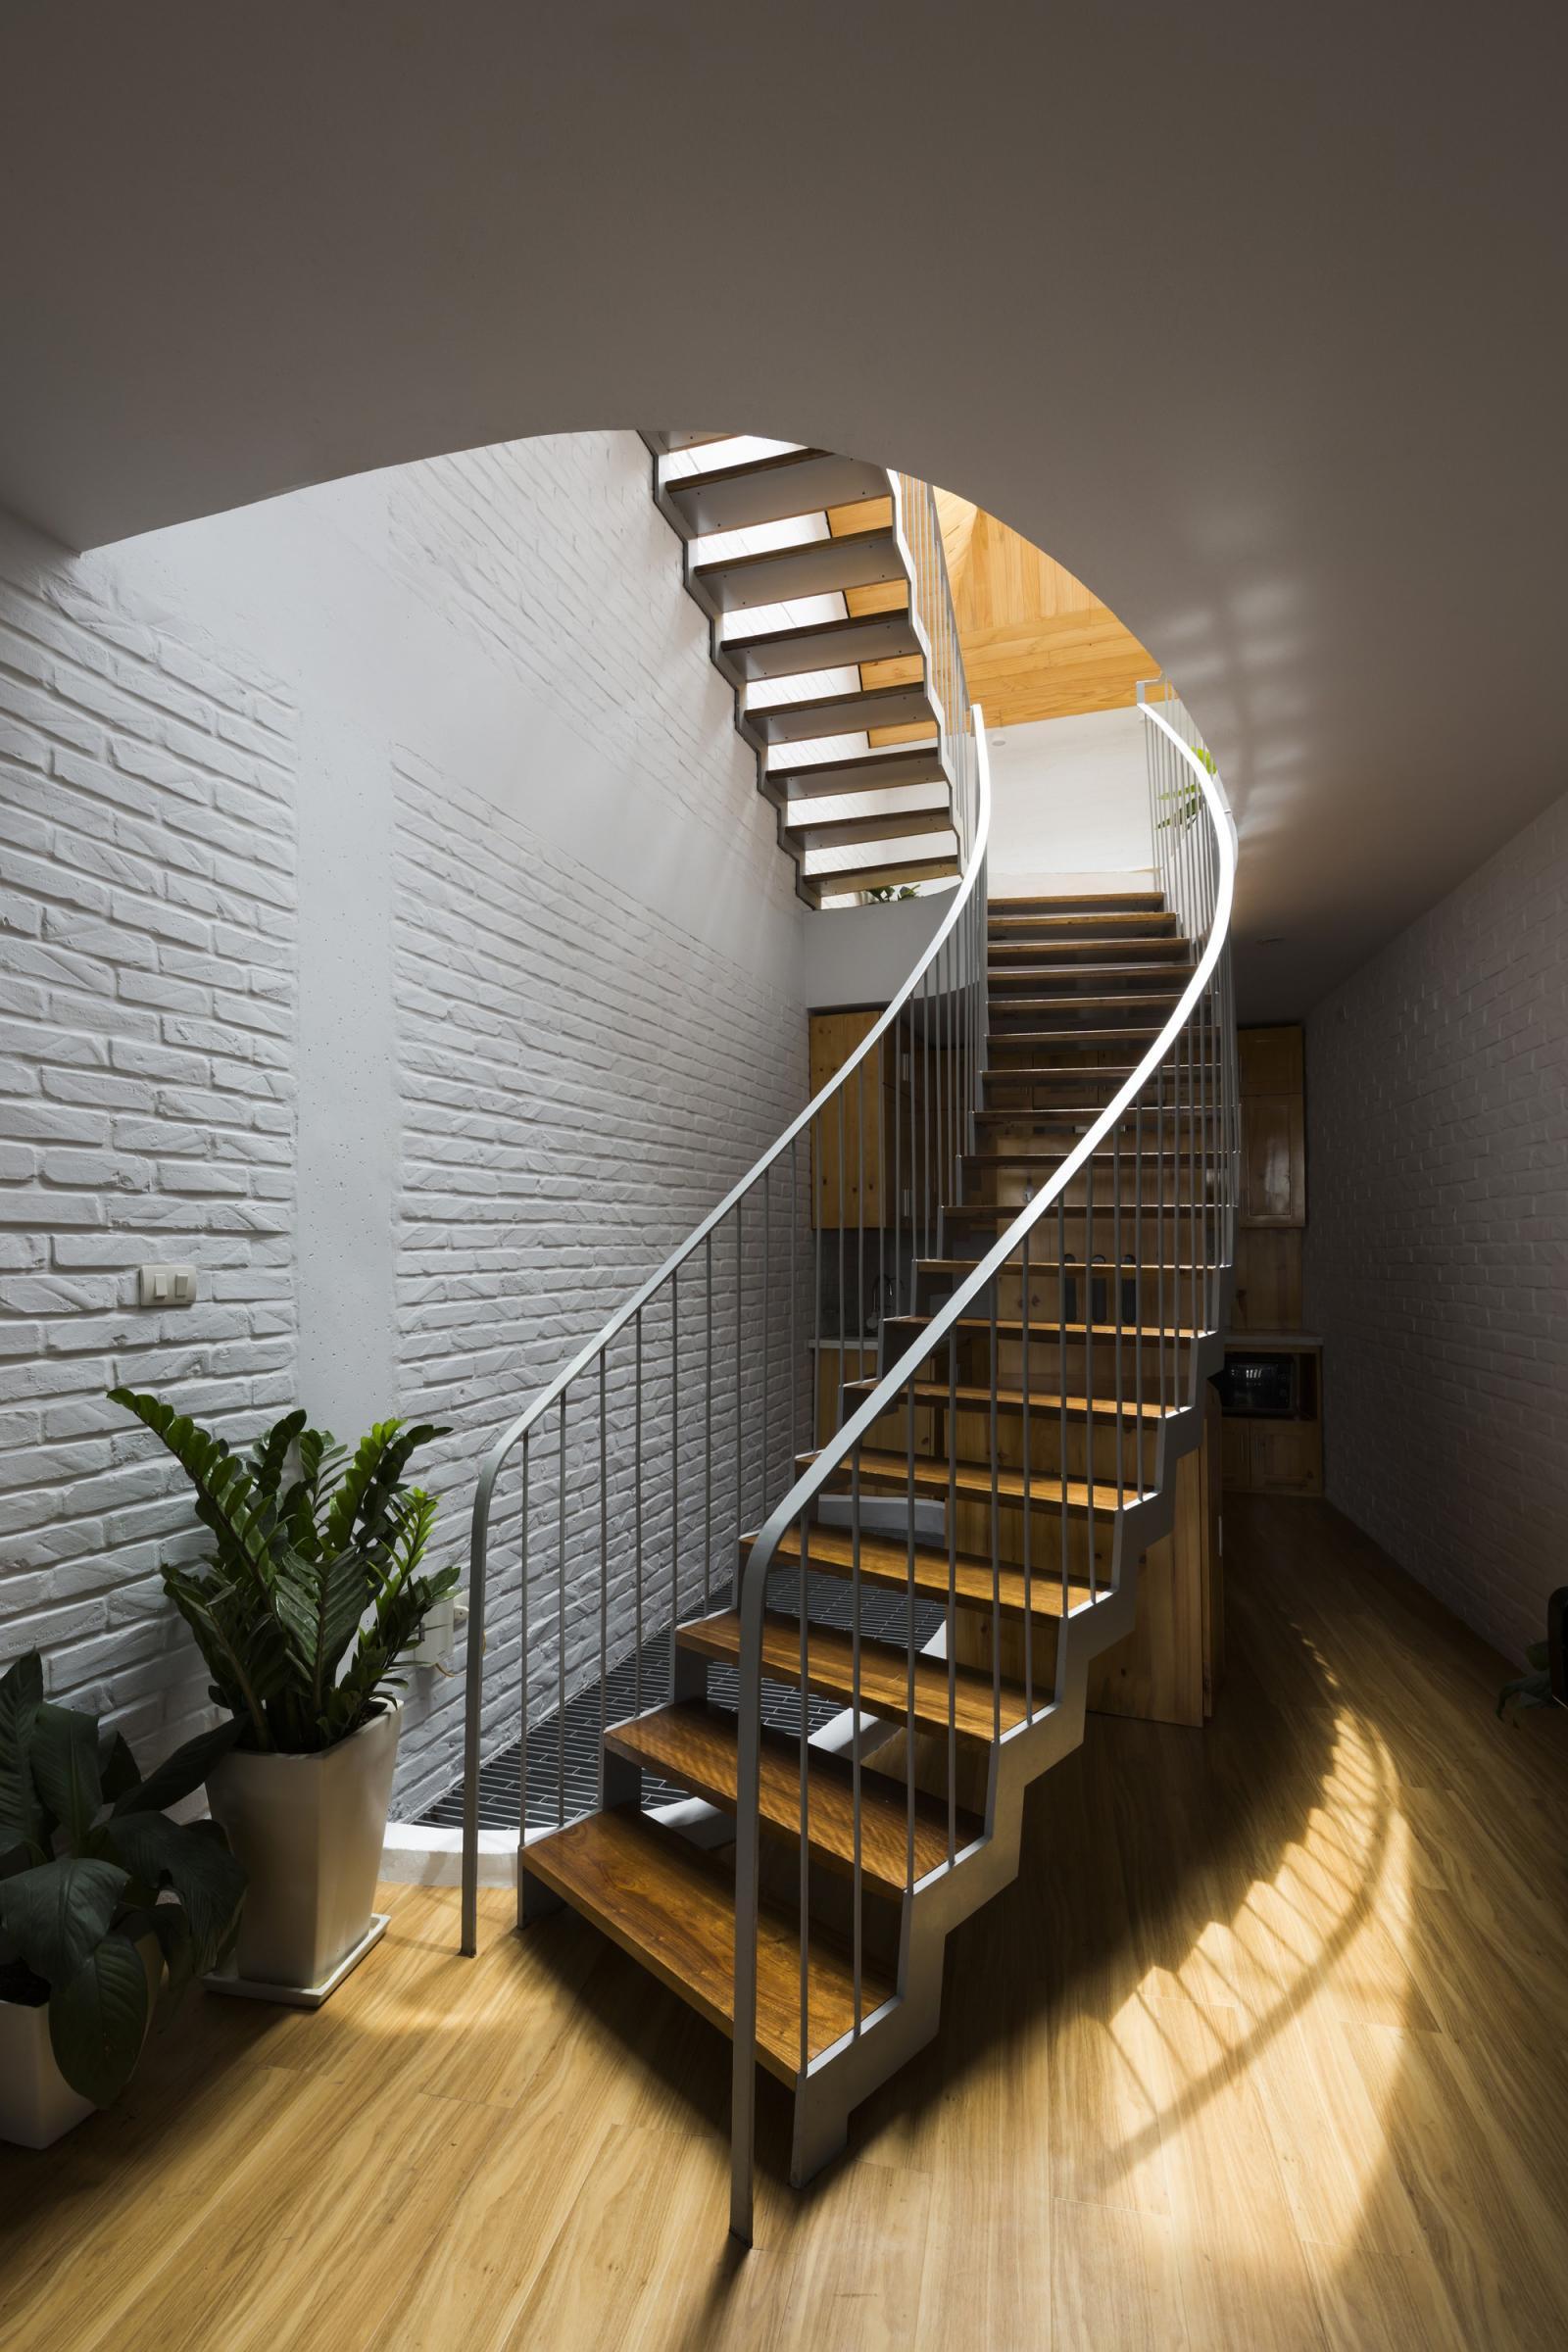 Thiết kế cầu thang nhà thóp hậu